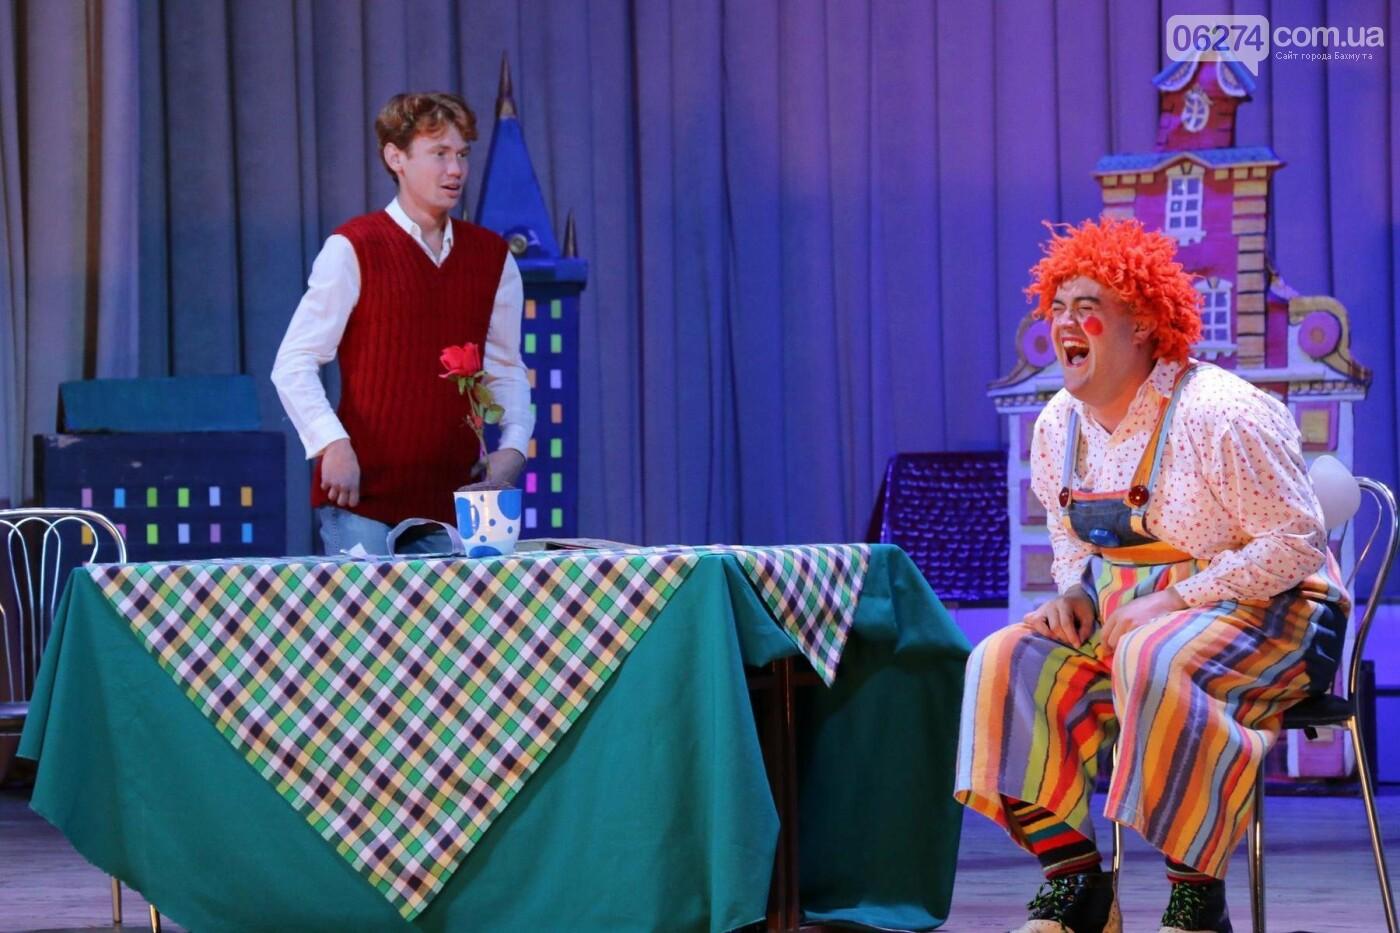 Для детей Бахмута показали спектакль «Малыш и Карлсон», фото-9